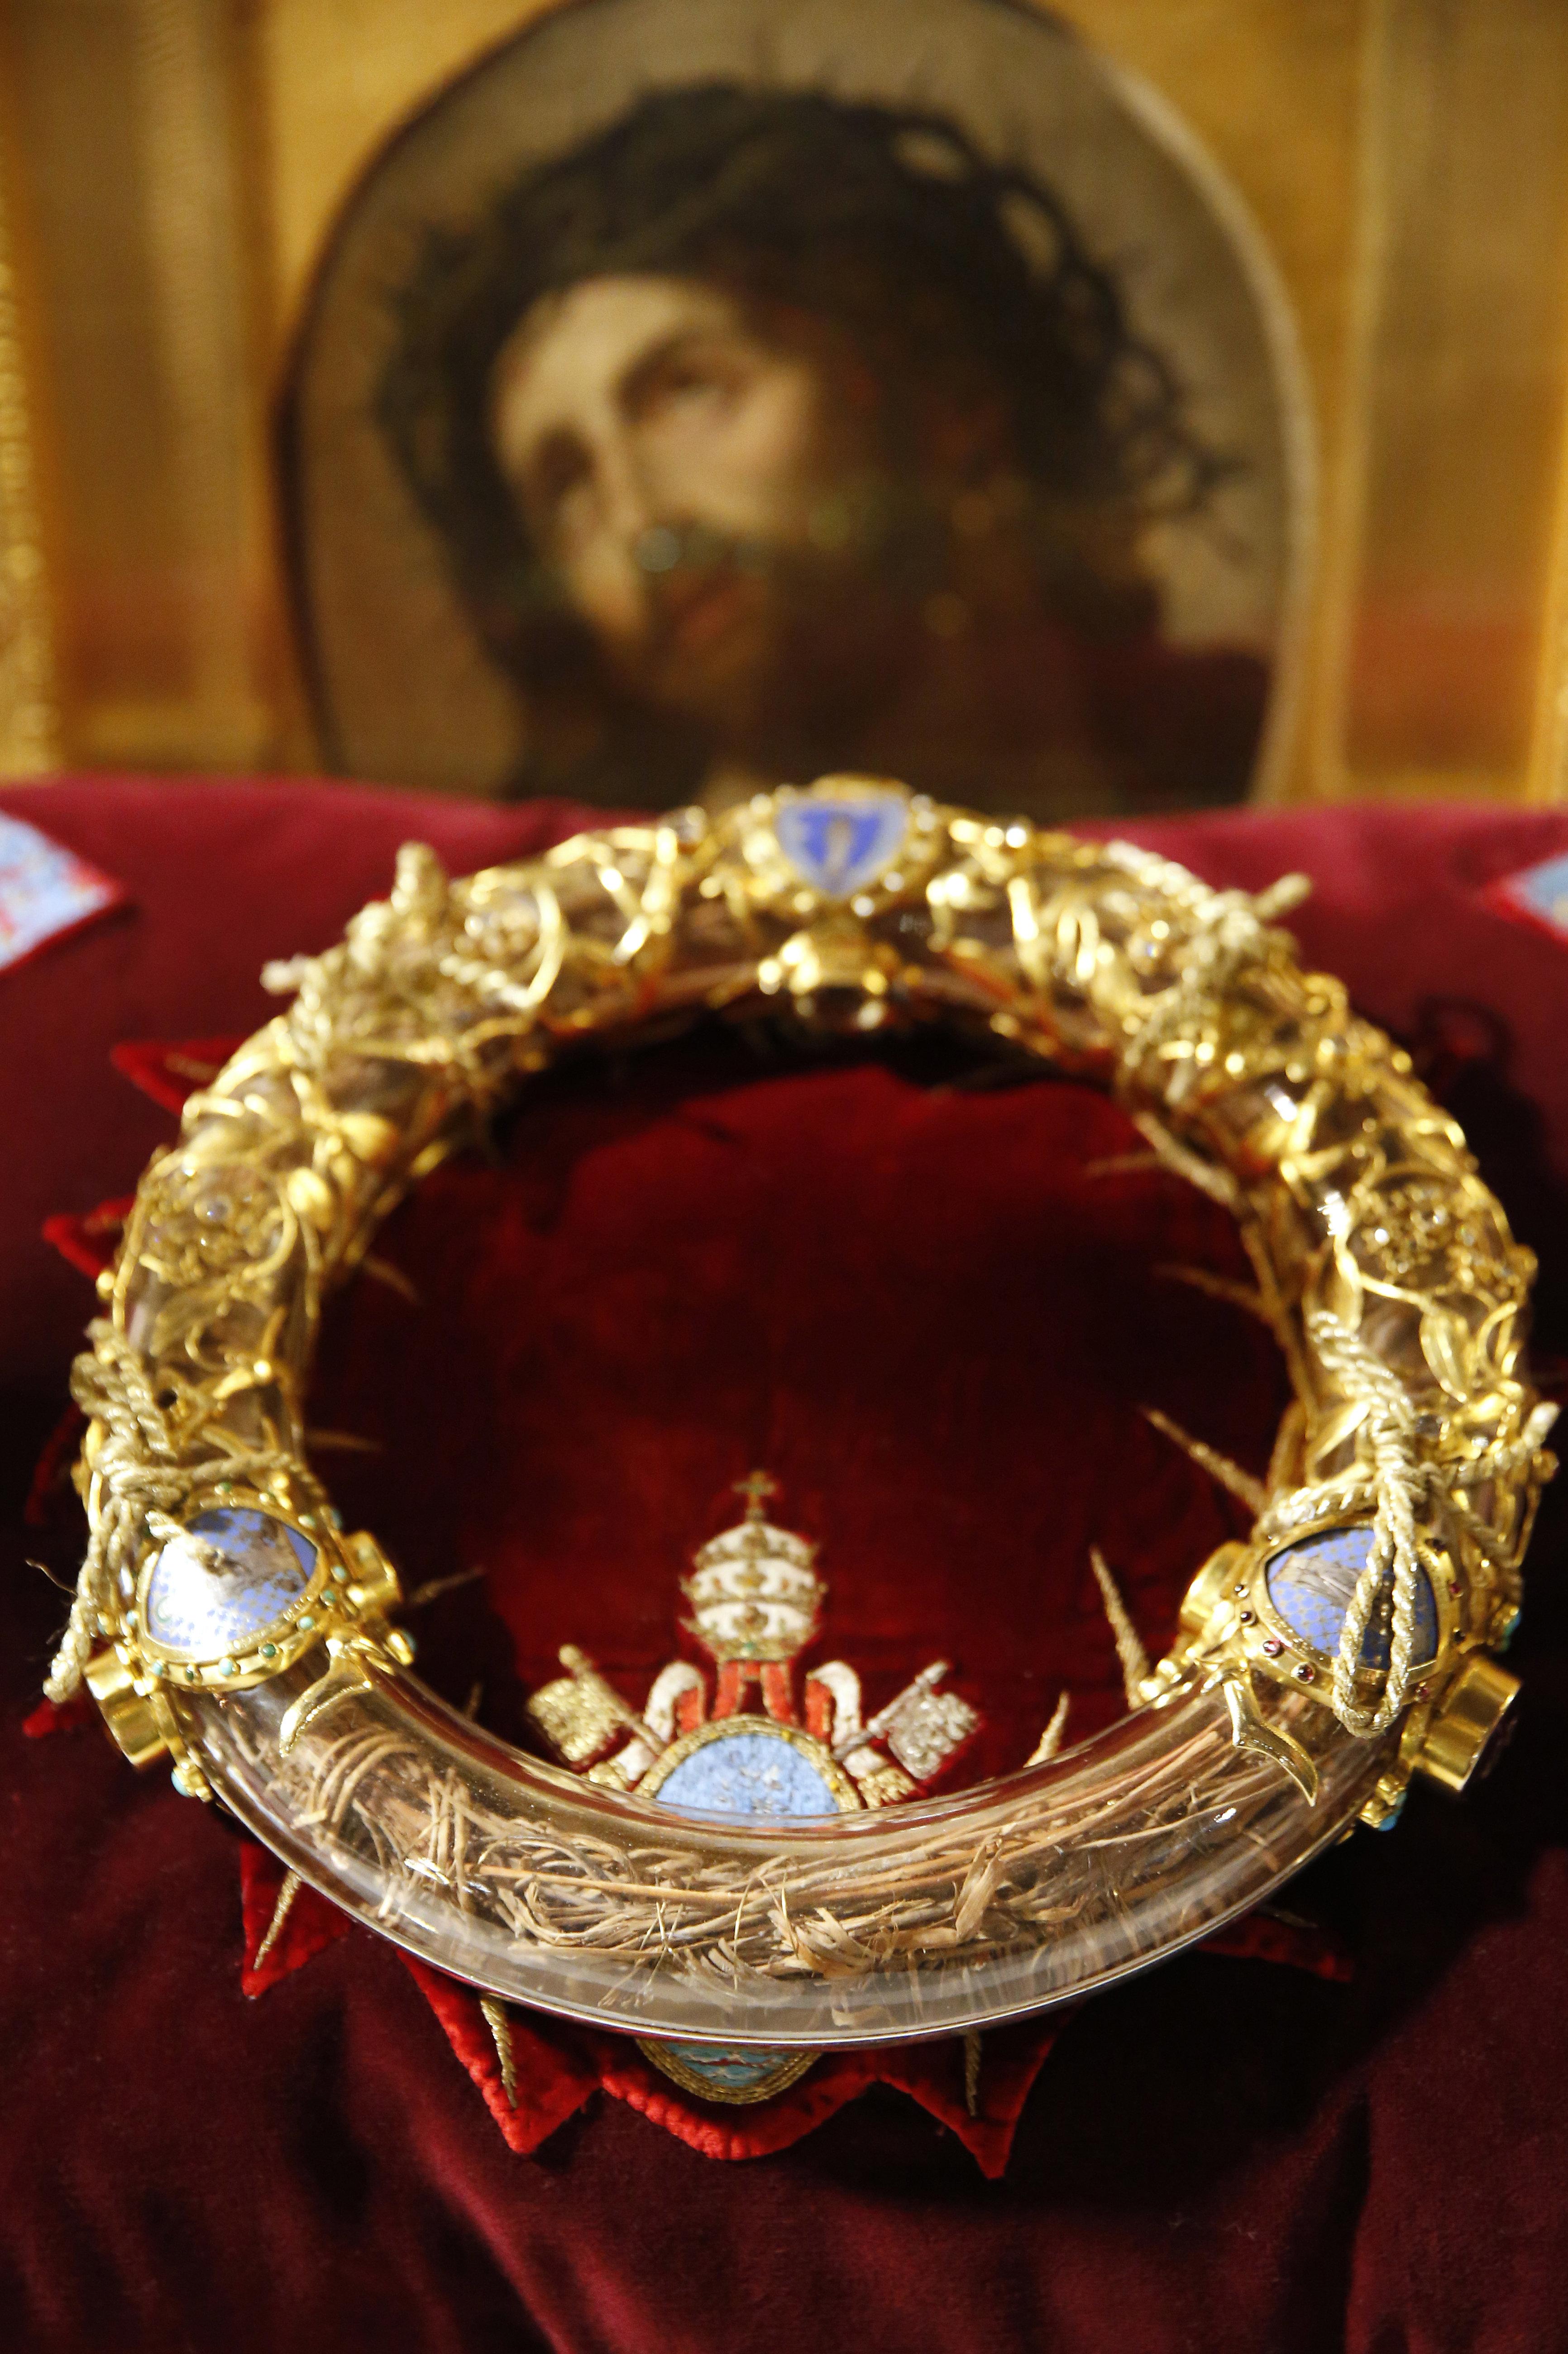 ノートルダム大聖堂に保管されている、聖遺物「いばらの冠」。イエスは十字架を背負い、イバラの冠をかぶってゴルゴタの丘まで歩かされたのちに処刑にあったため、この冠は受難の意に用いられている。